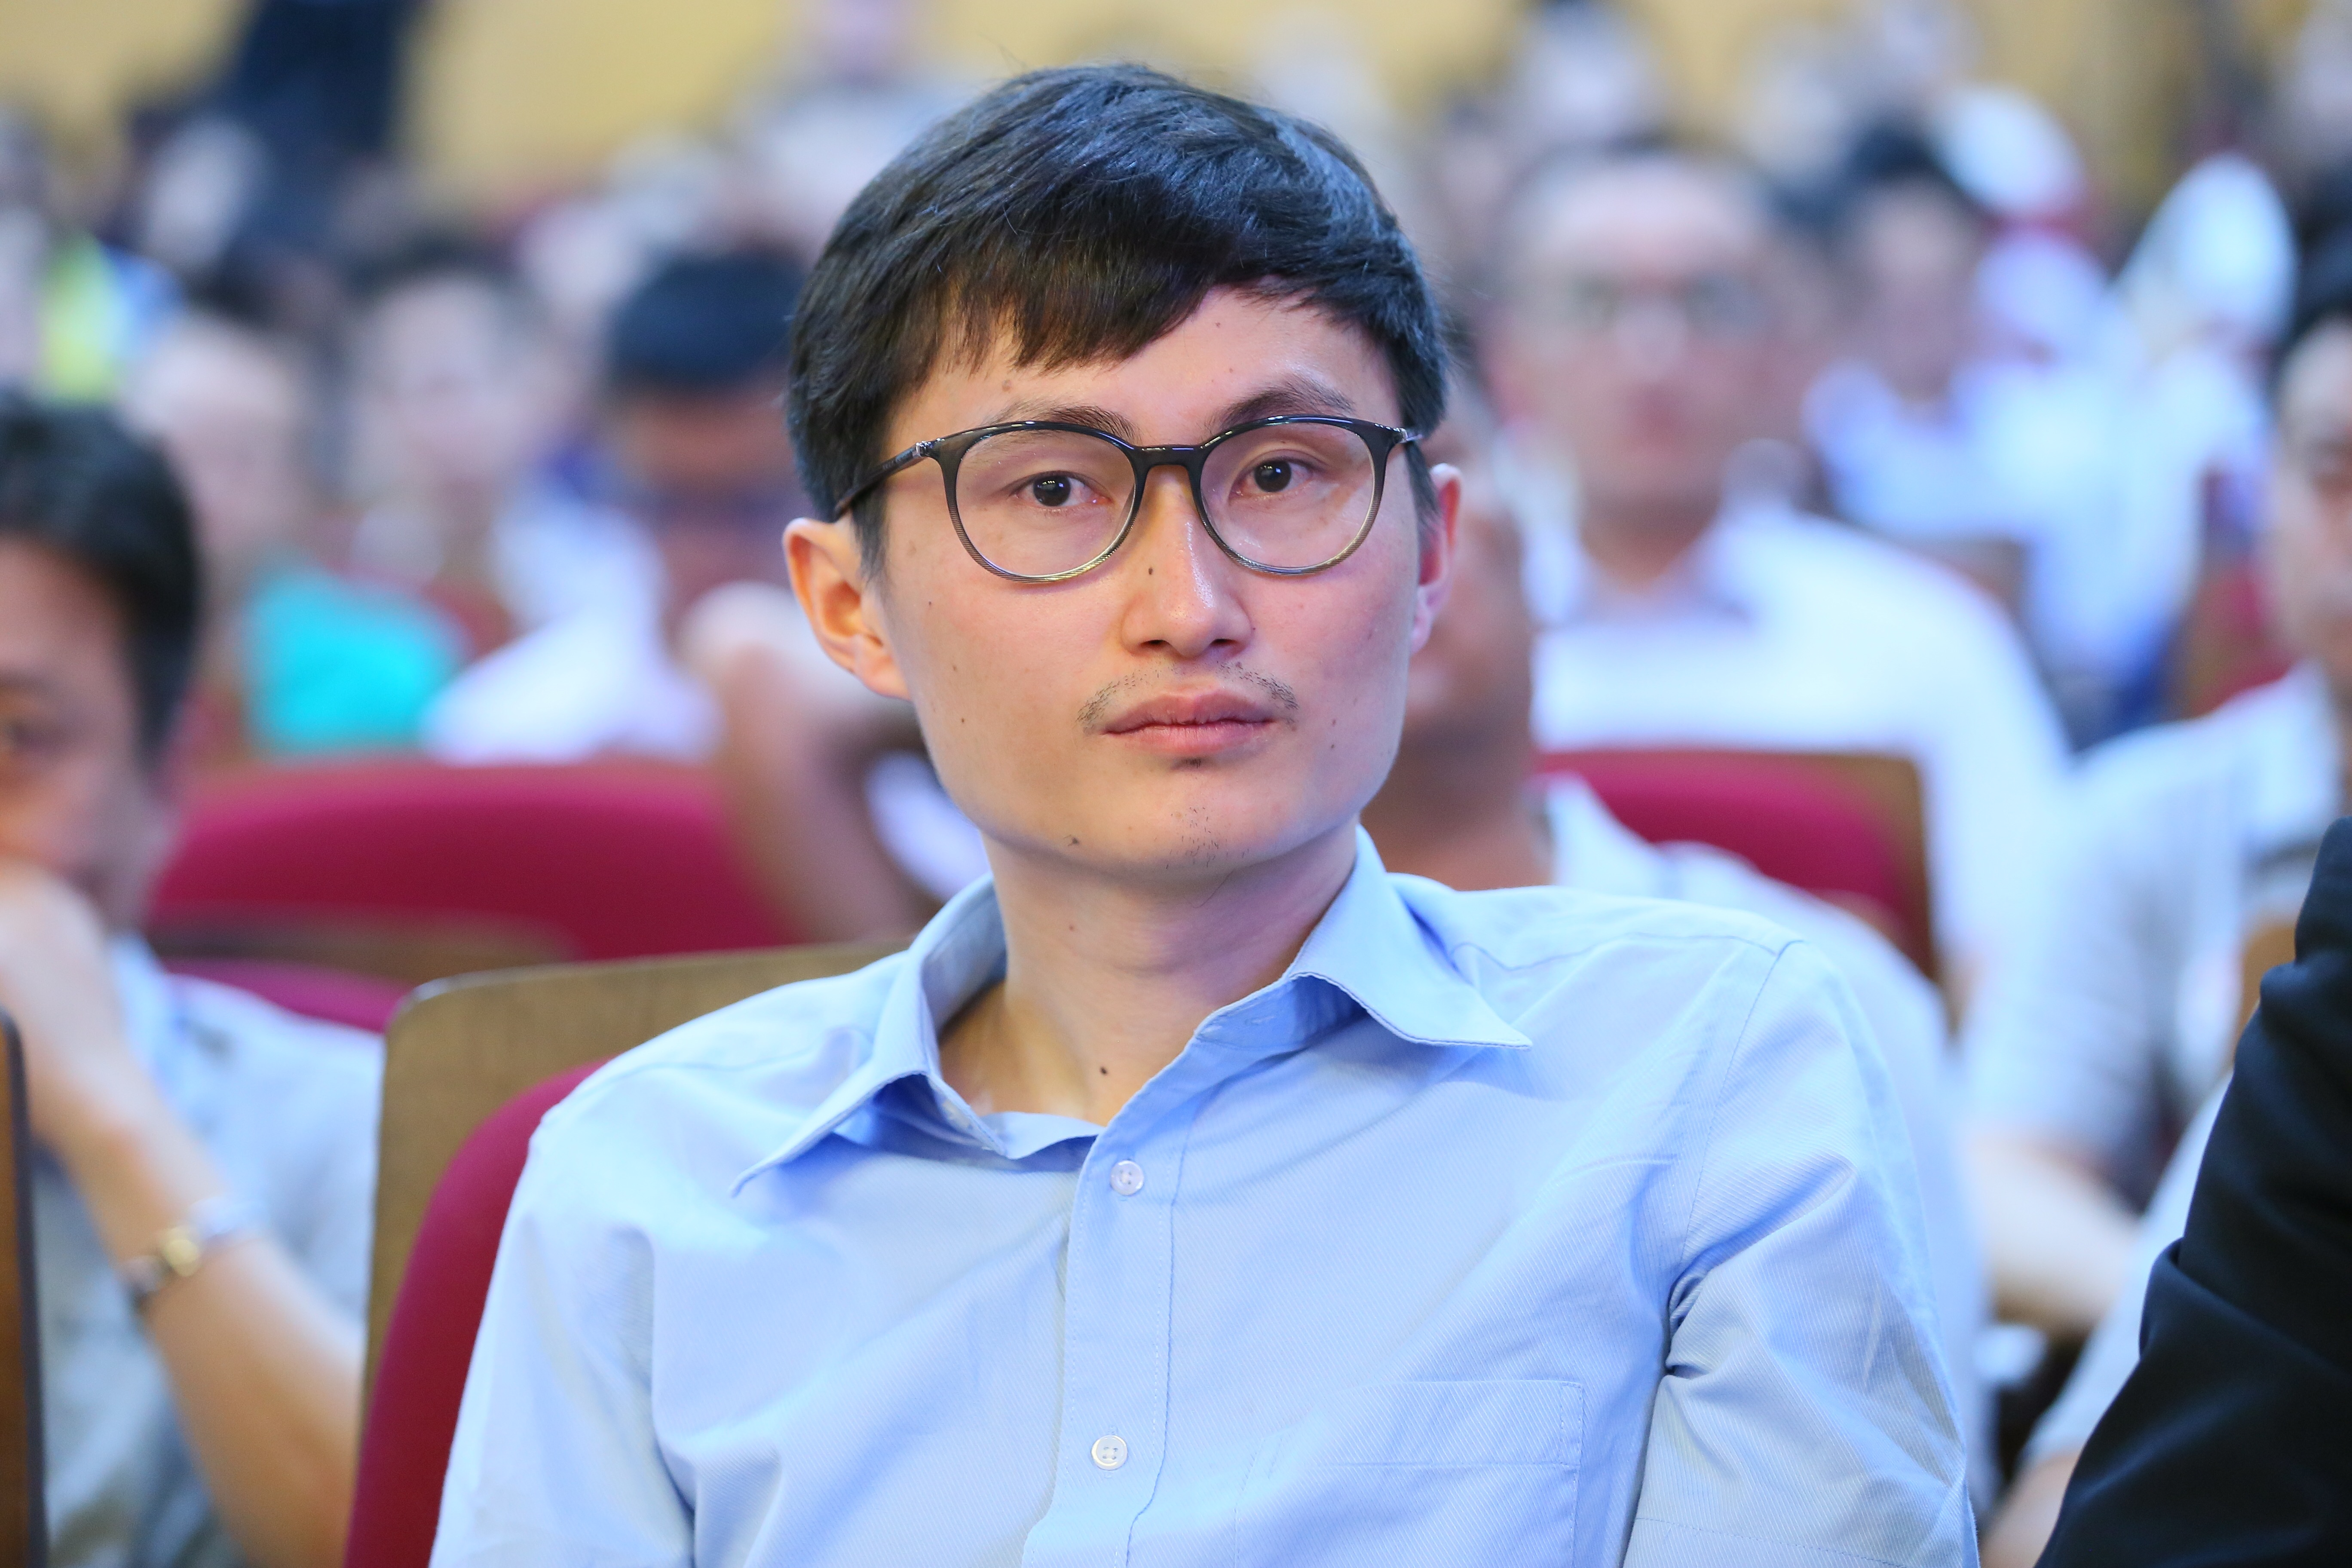 方正证券传媒与互联网行业首席分析师杨仁文照片